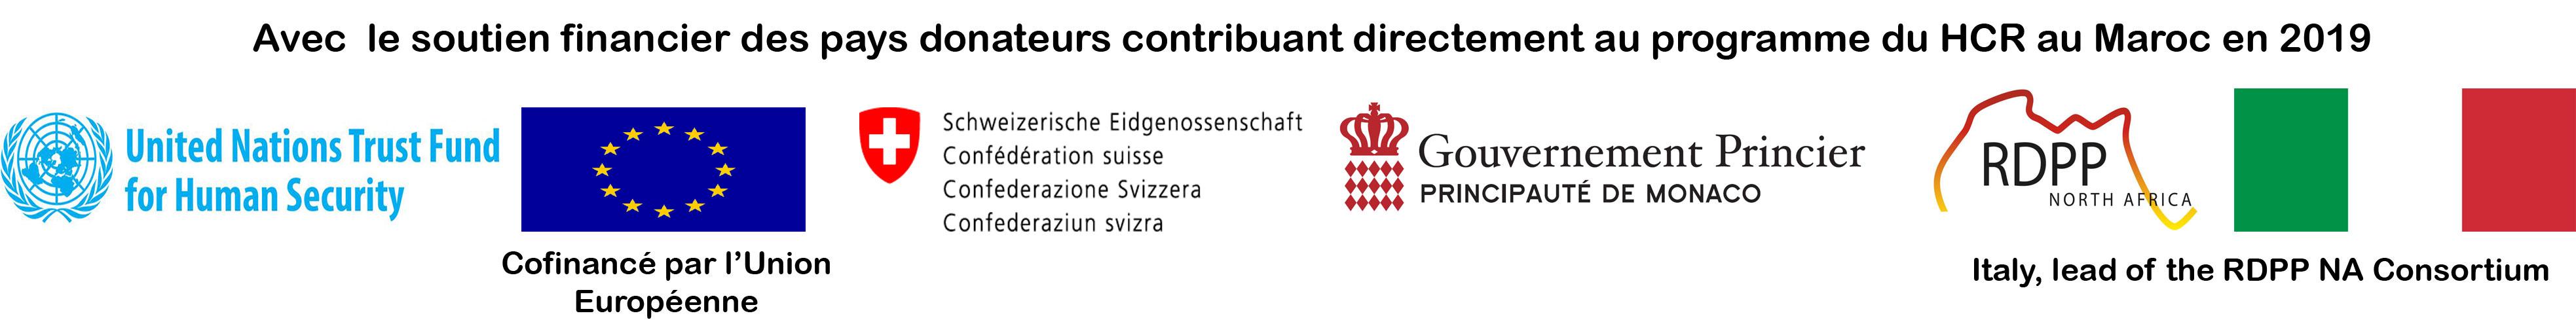 avec le soutien financier des pays donateurs